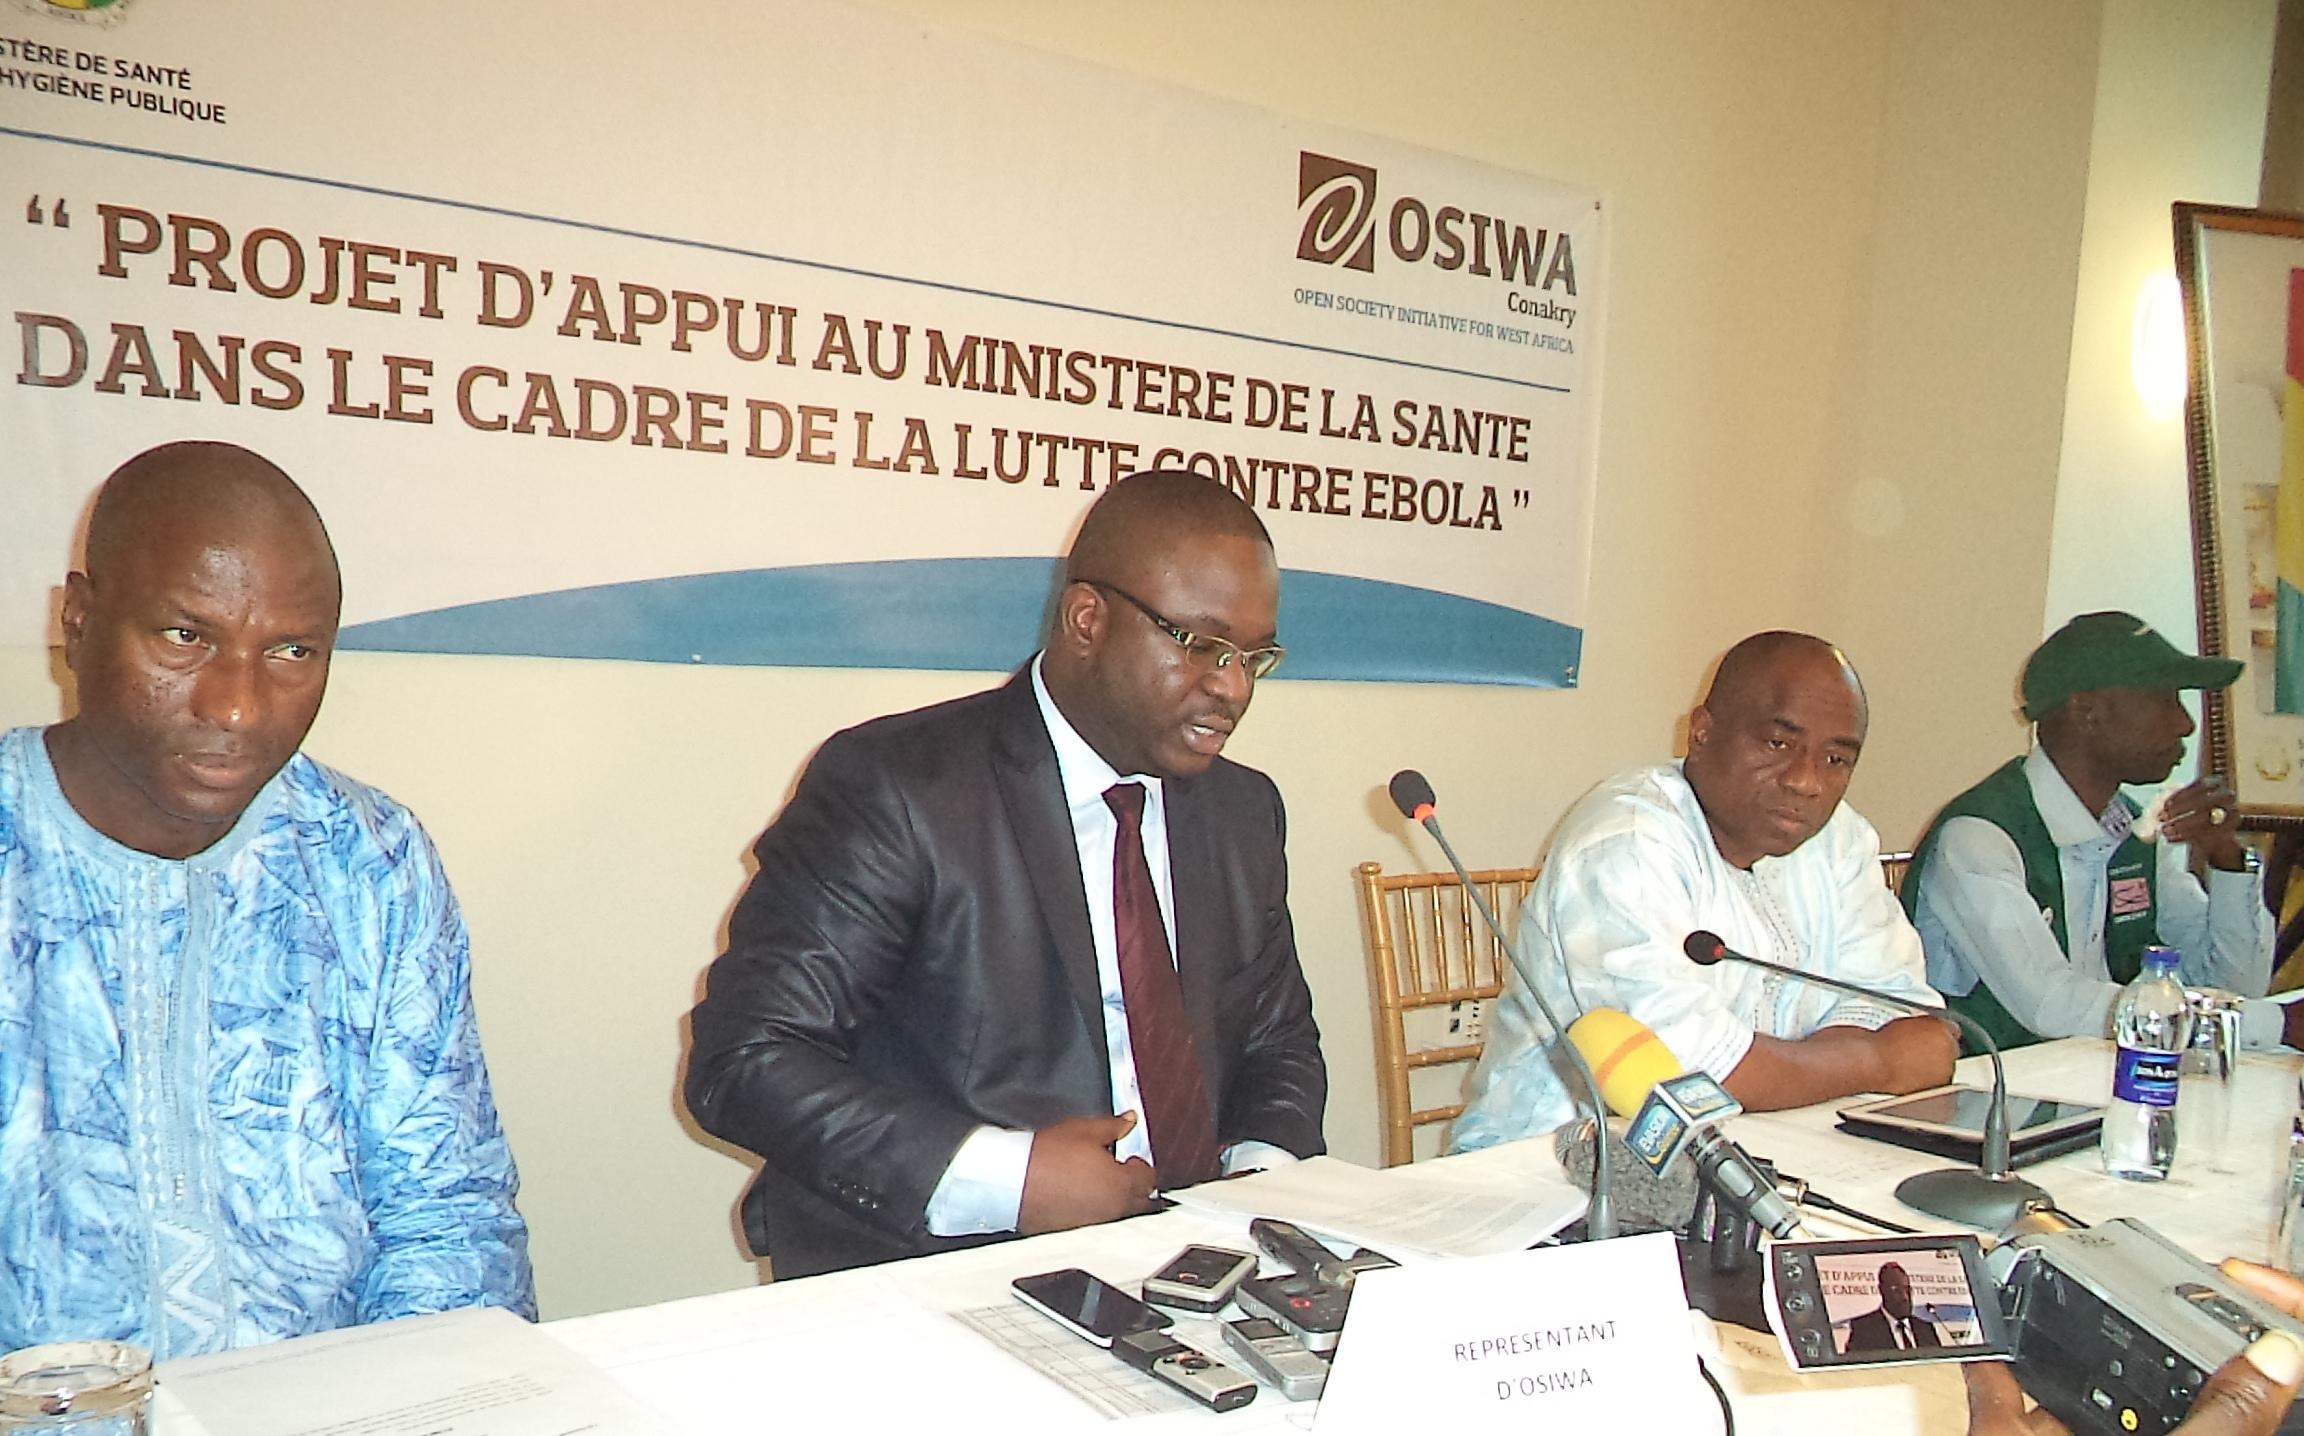 De gauche à droite, Abdourahmane Diallo, coordinateur OSIWA Guinée, Ibrahima NIANG, Représentant d'OSIWA-Guinée et Remy Lamah, Ministre de la santé